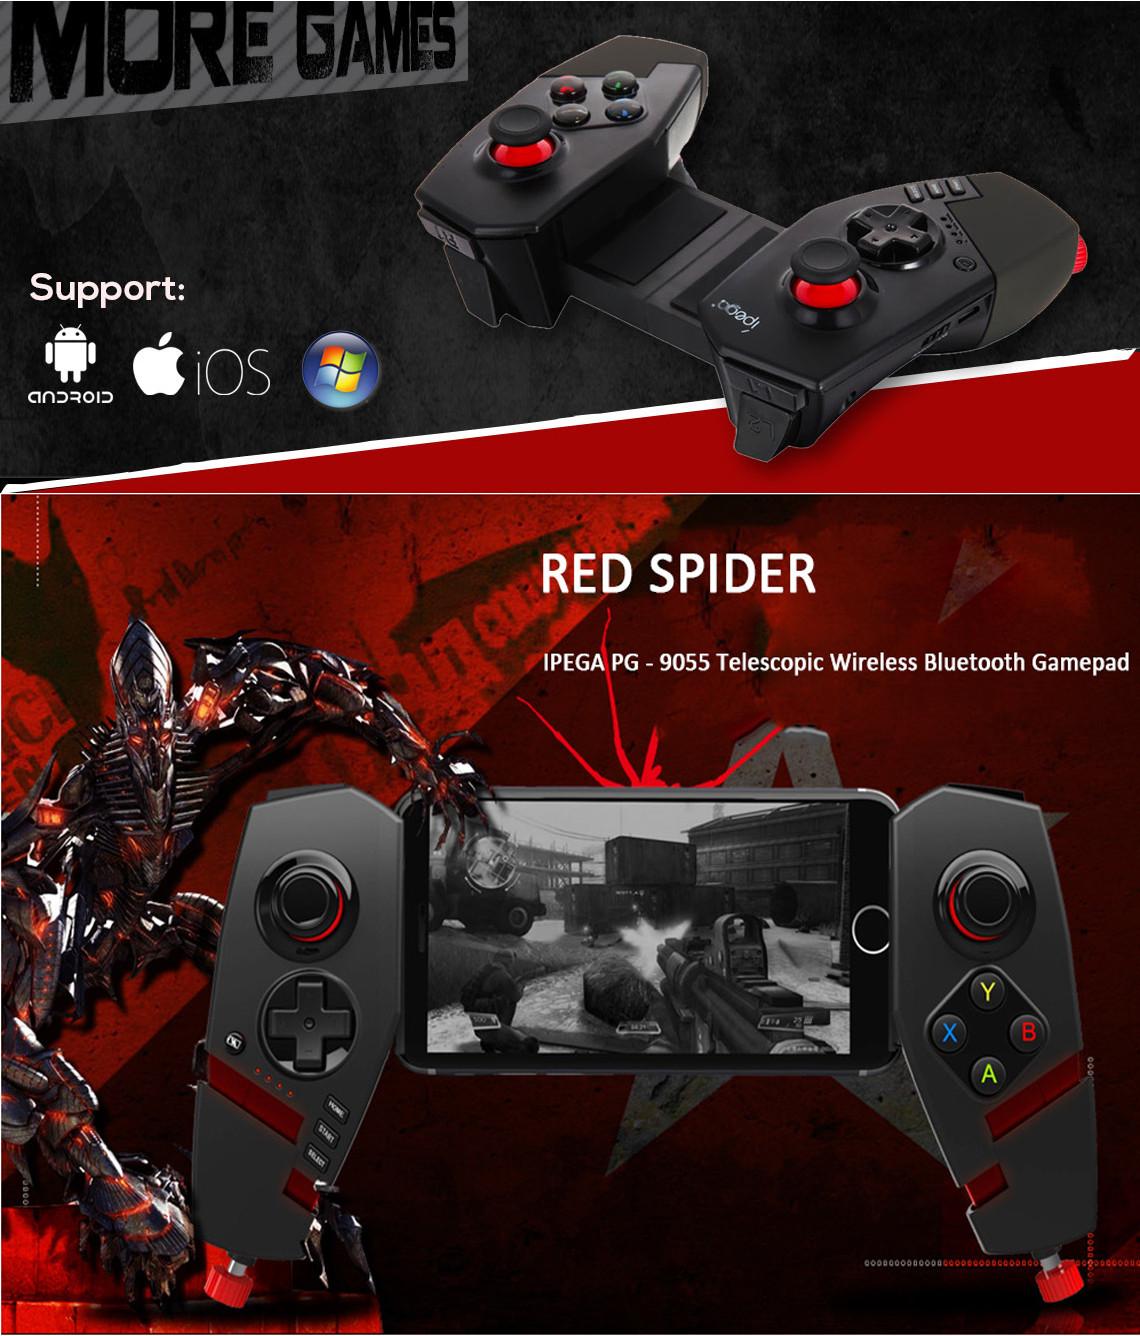 Tay Cầm Chơi Game Bluetooth Ipega PG-9055 Red Spider Hỗ Trợ PC Android Cao Cấp AZONE - Hàng Nhập Khẩu